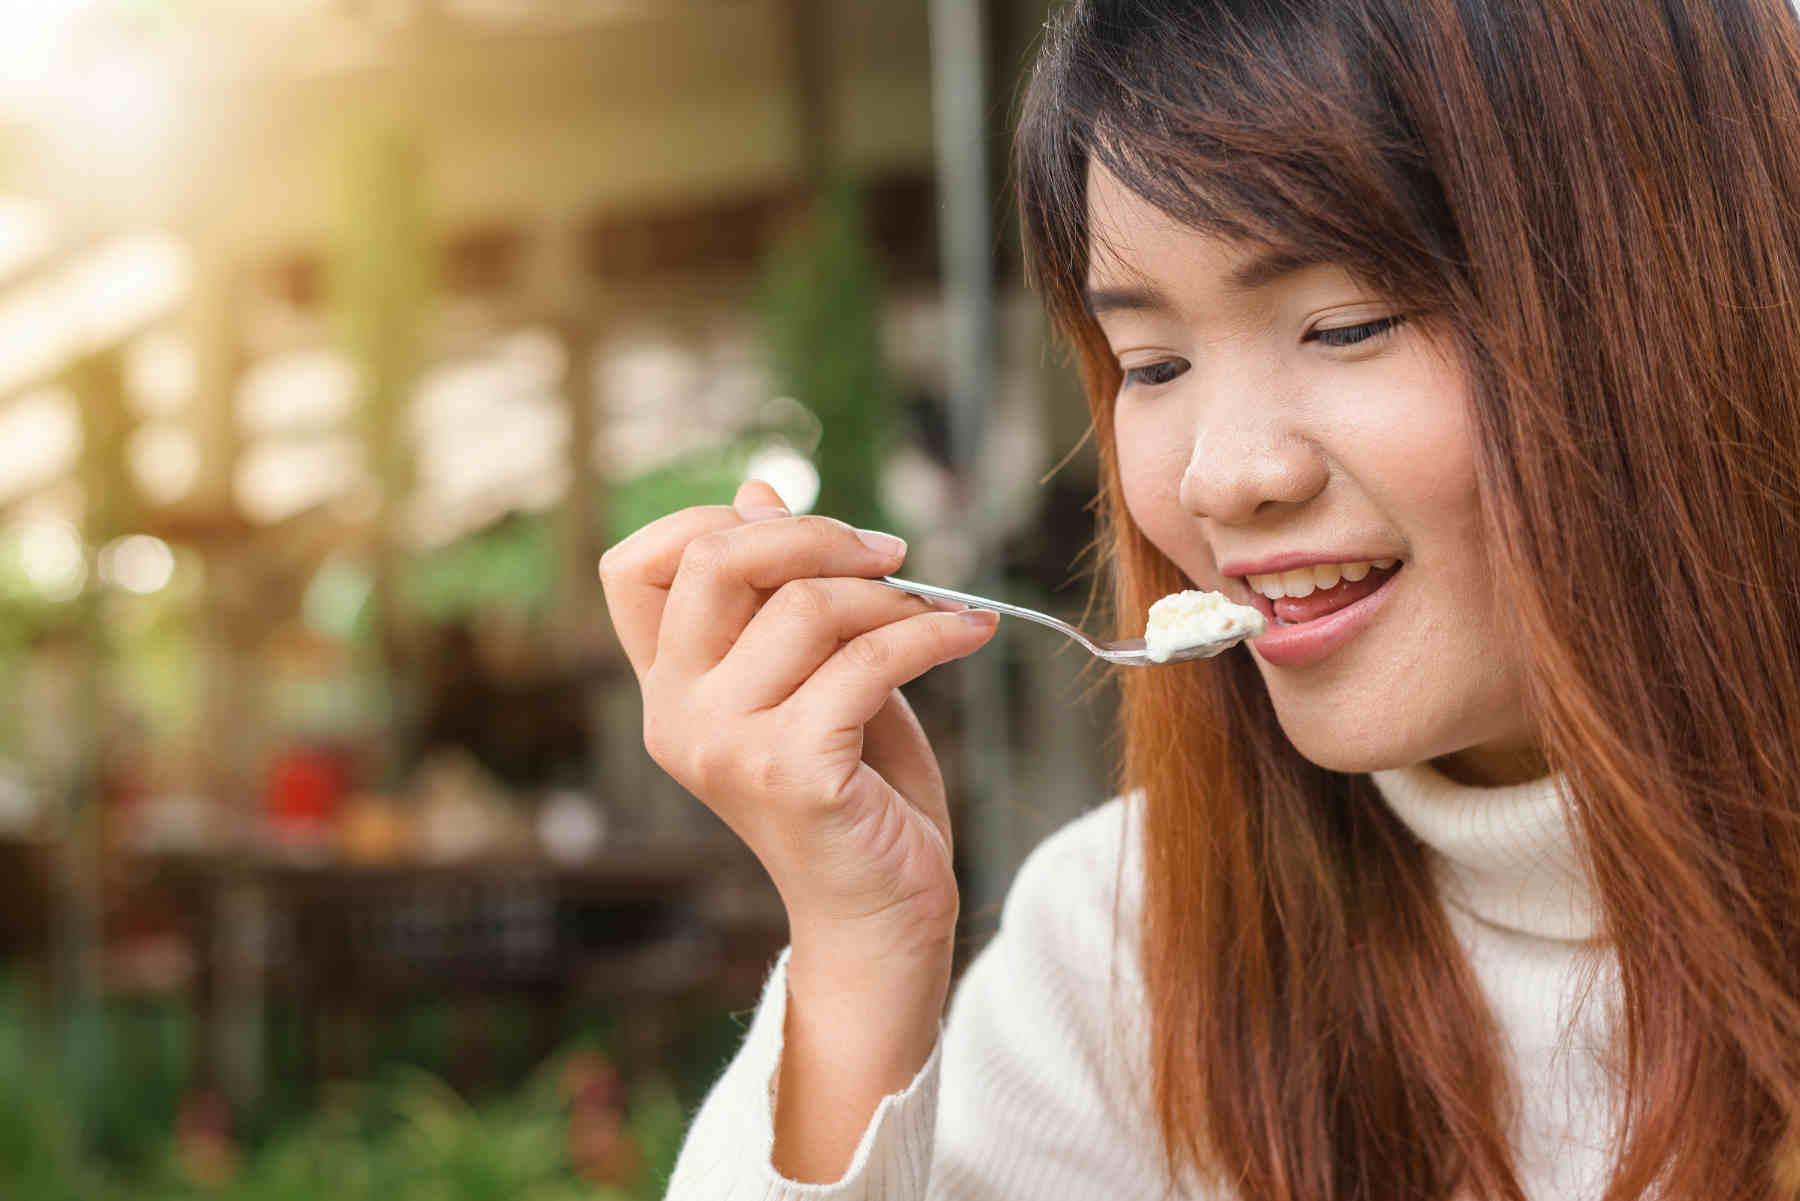 Manger du yogourt peut réduire les risques de maladie cardiovasculaire